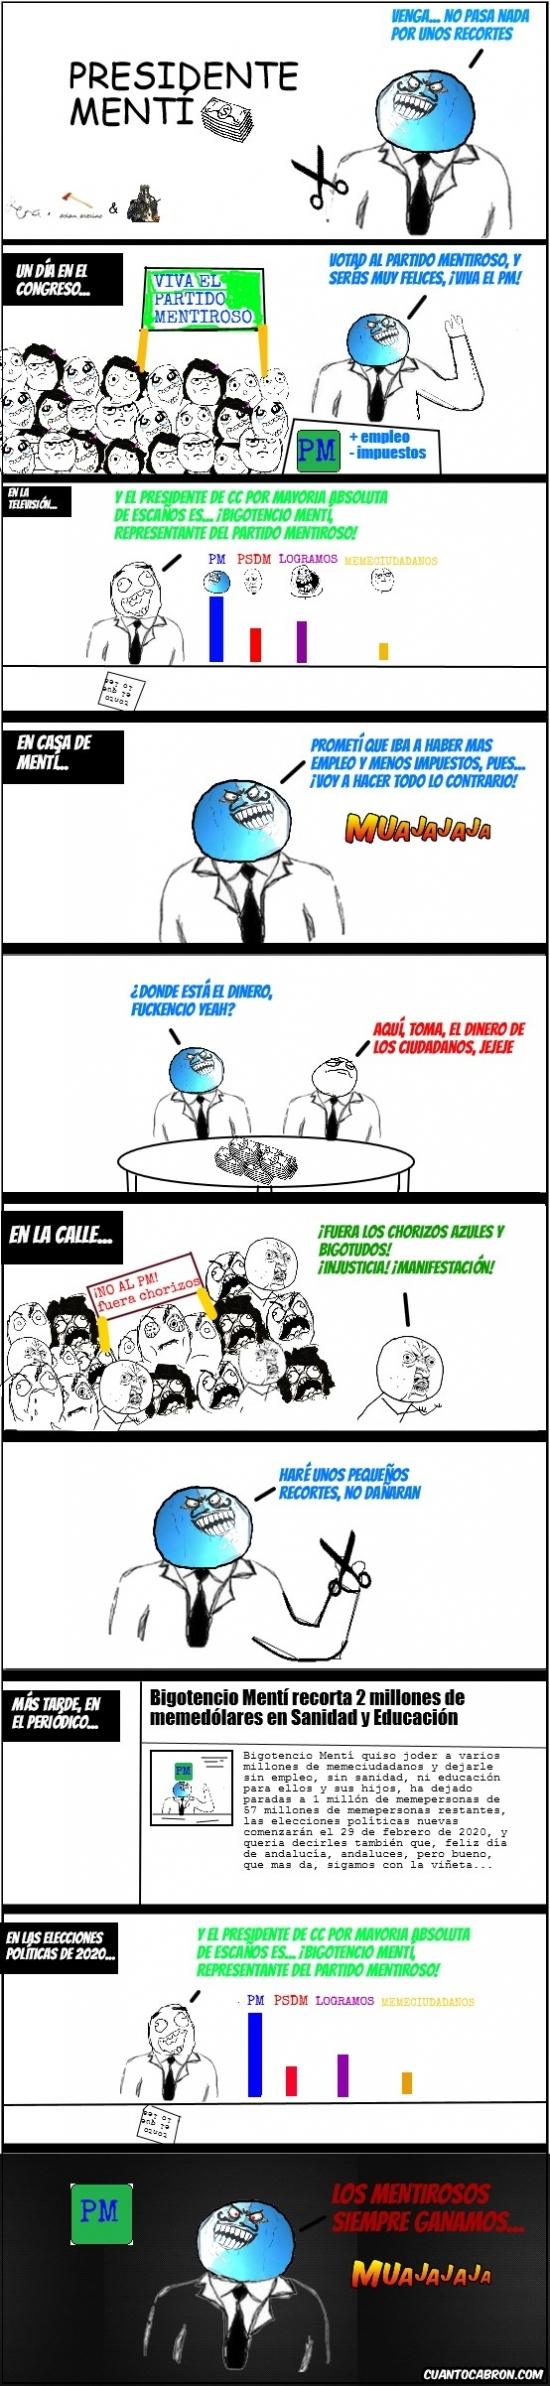 Menti - Presidente Mentí en el gobierno